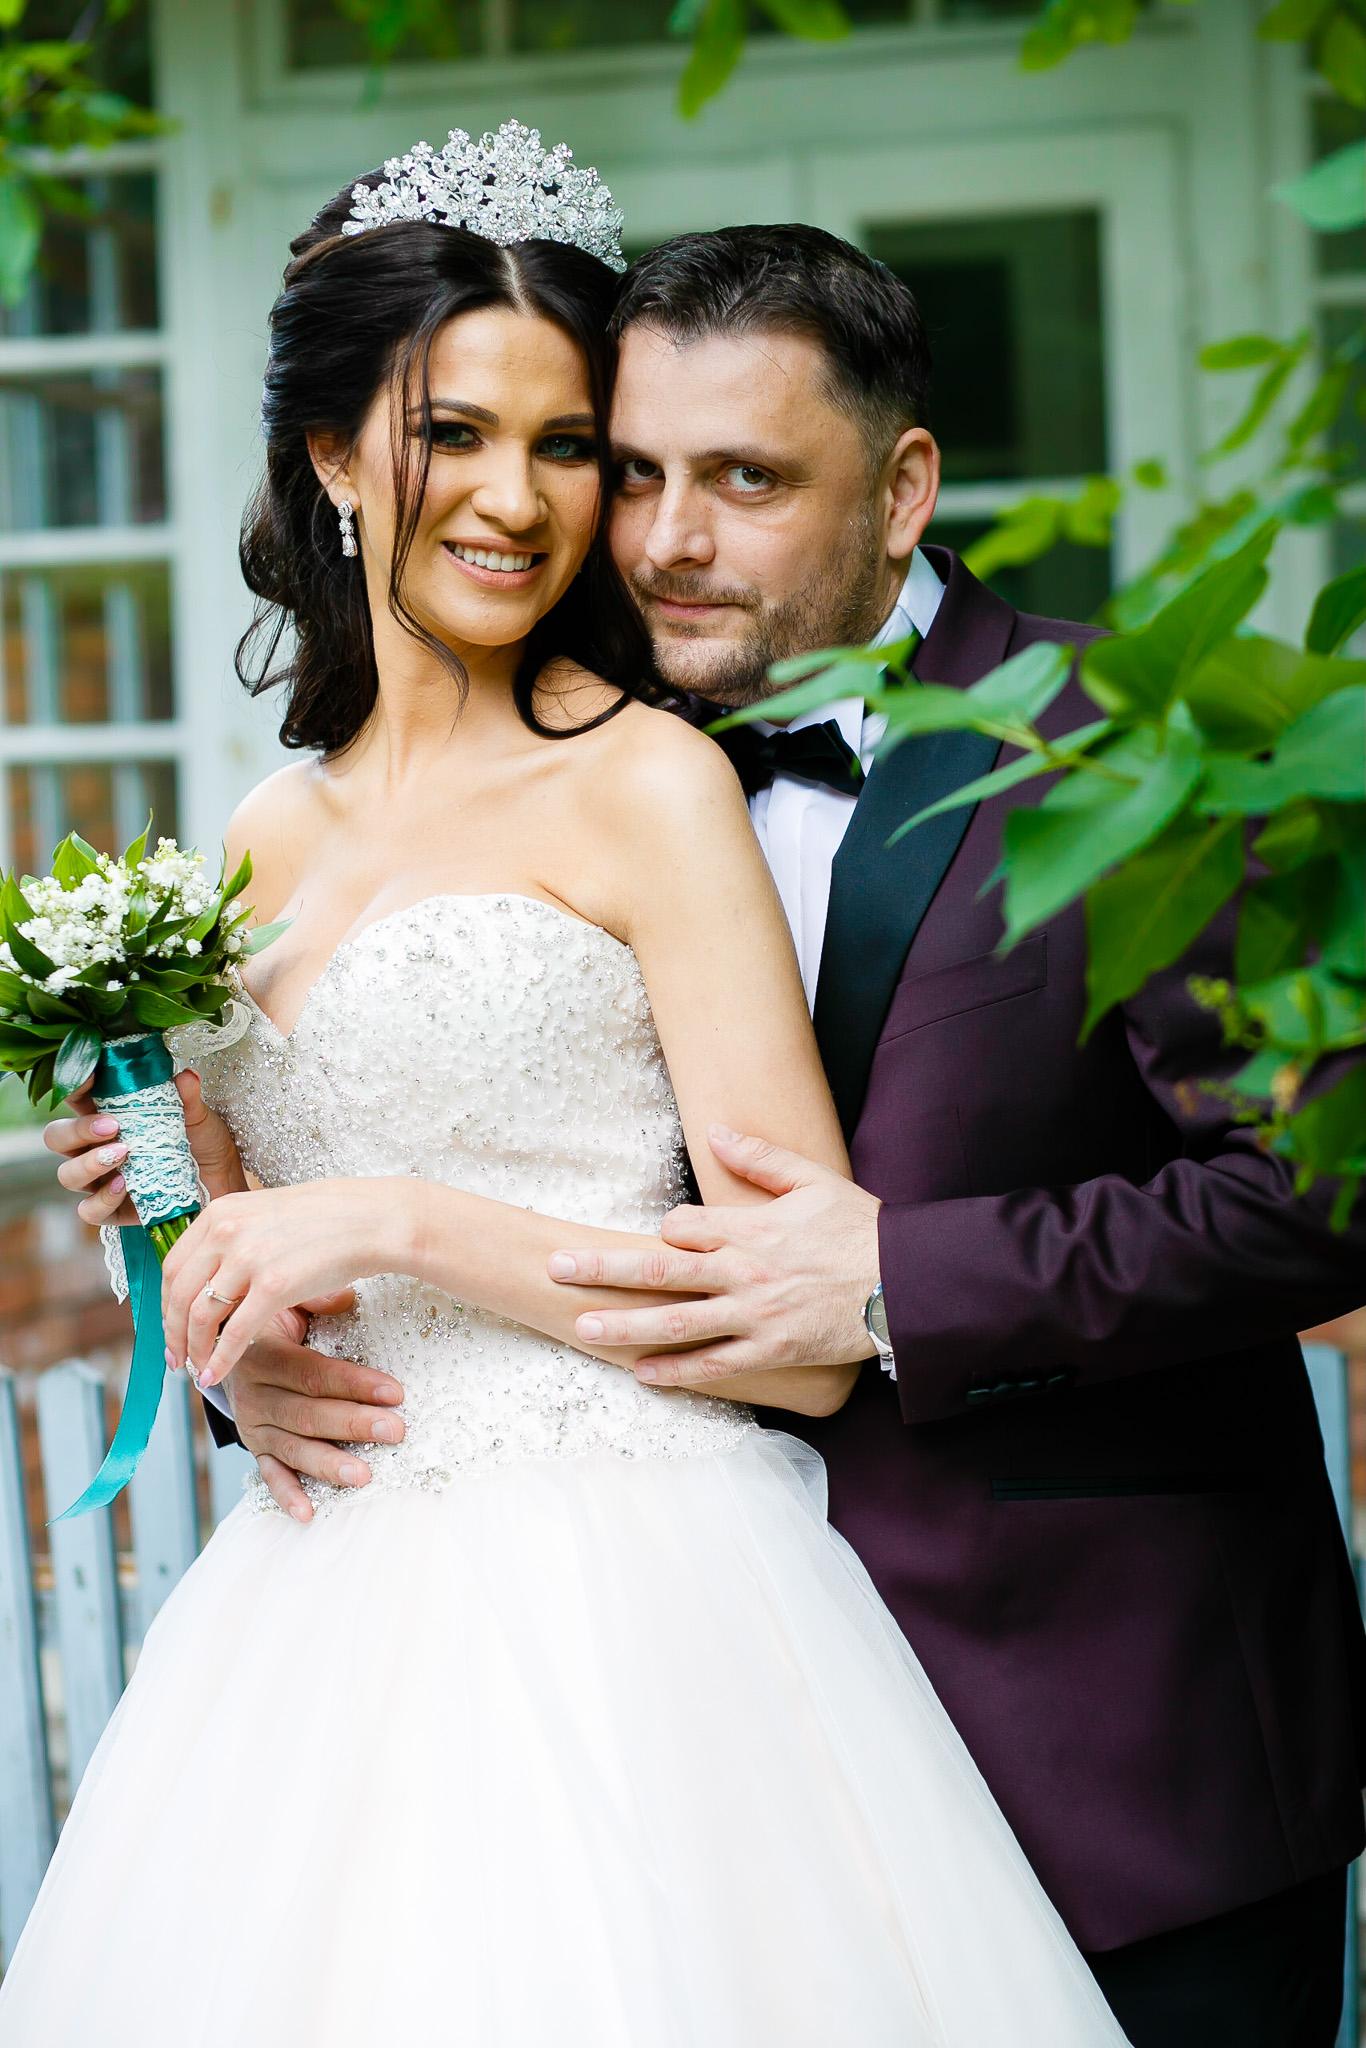 Larisa si Bogdan Nuntă la Pleiada fotograf profesionist nunta Iasi www.paulpadurariu.ro © 2018 Paul Padurariu sedinta foto 2